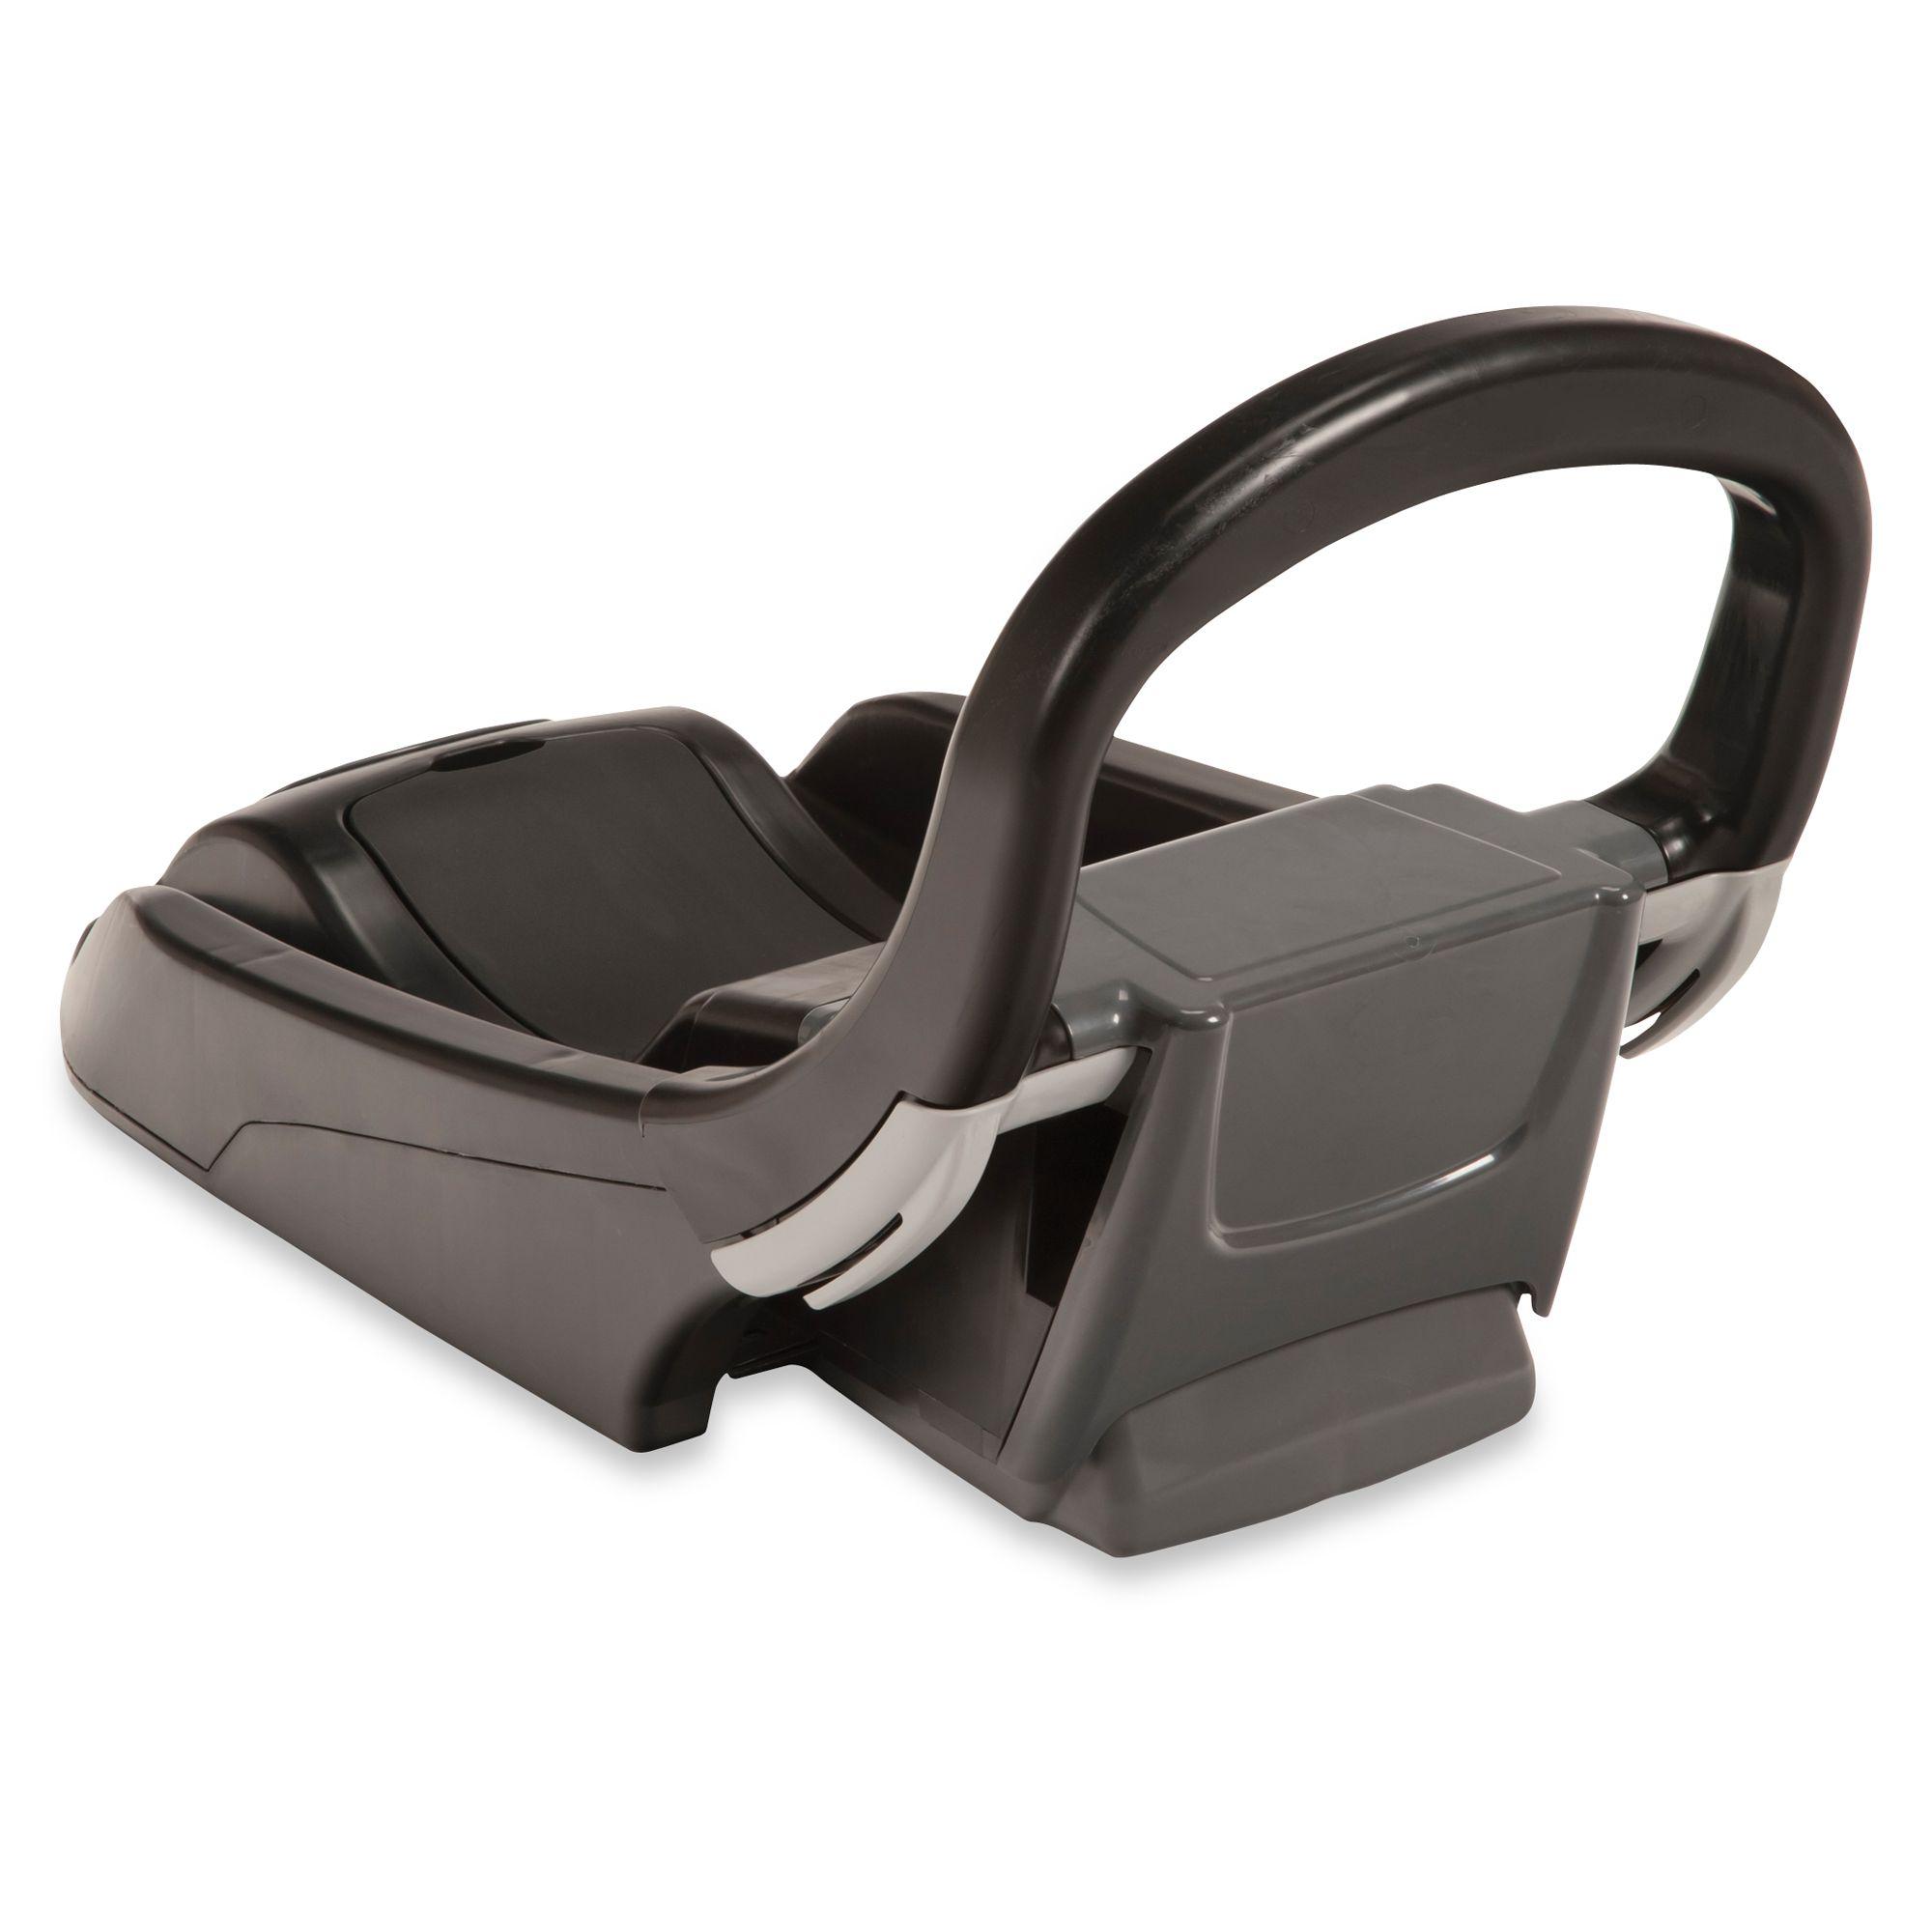 Maxi-cosi Infant Car Seat Footmuff Maxi-cosi® Prezi® Infant Car